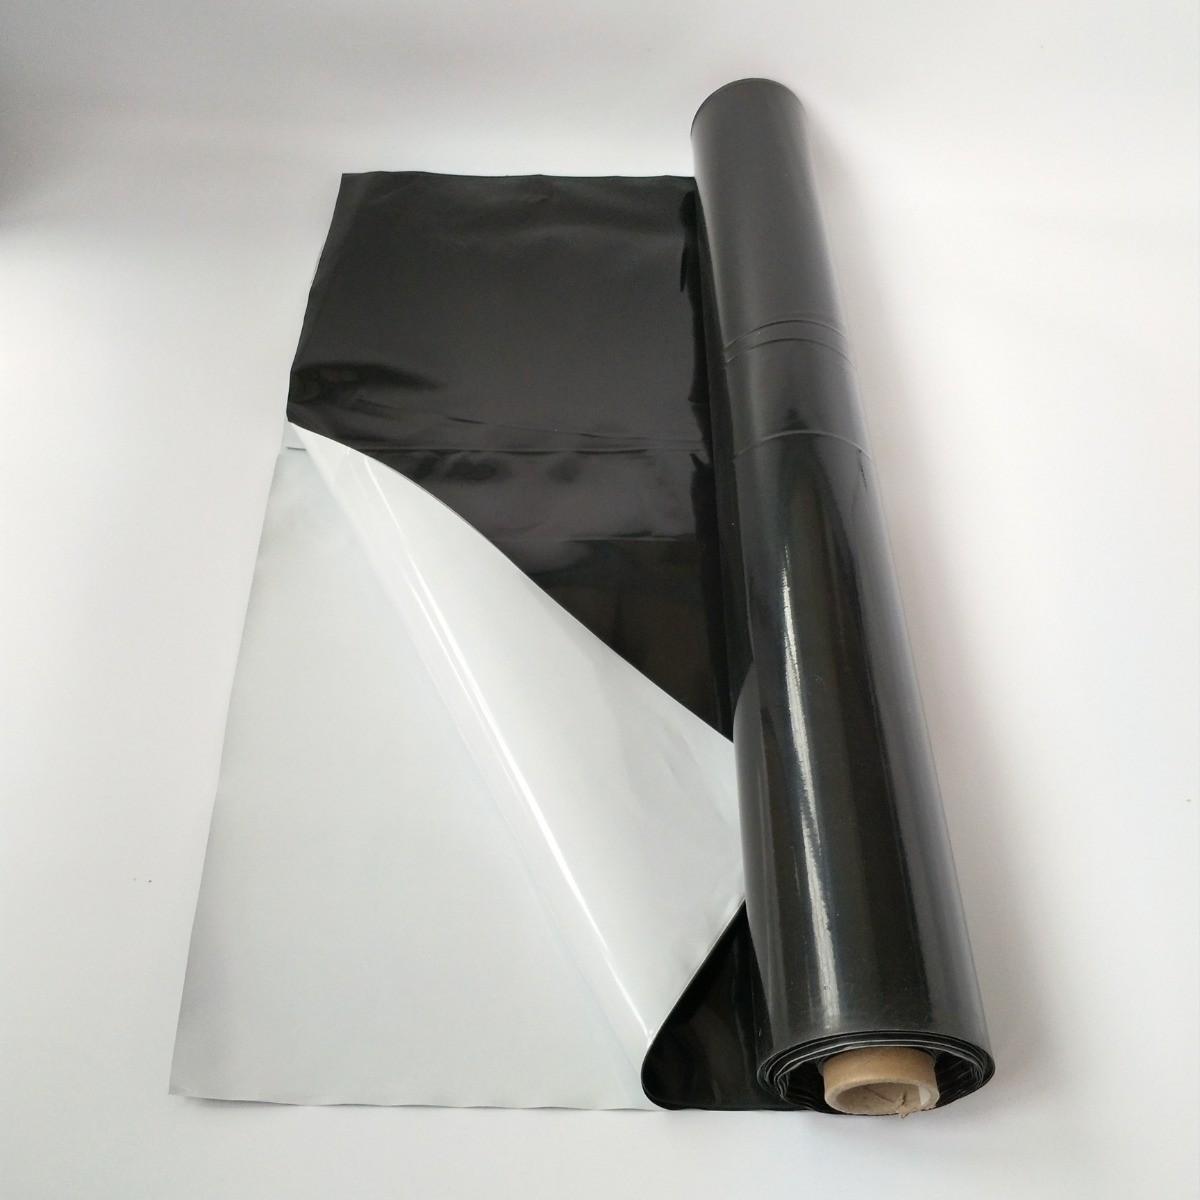 Lona Silagem Nortene Branca/Preta 72kg - 6x53m